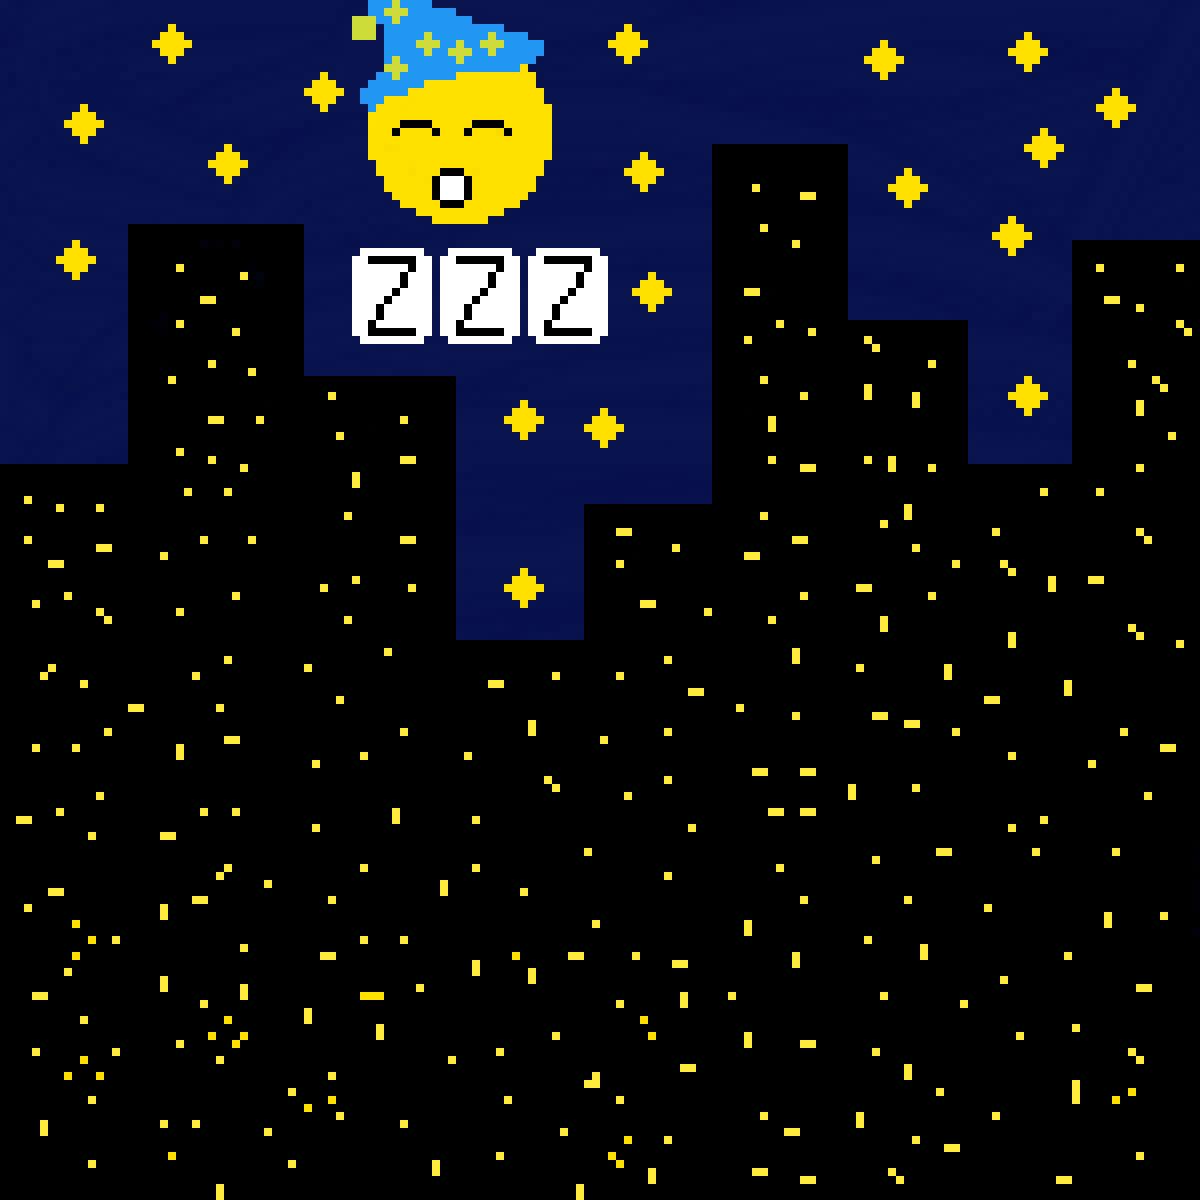 Good Night! by PixelGabi